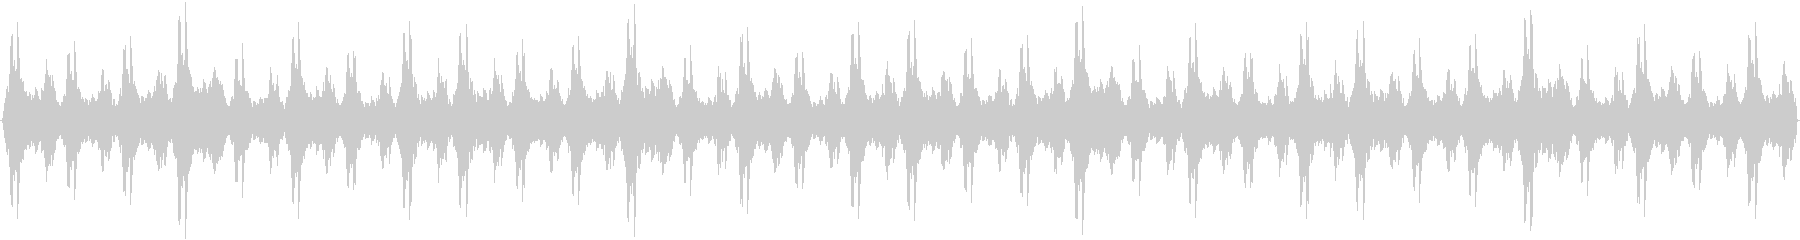 クリスマス ベルの音の未再生の波形